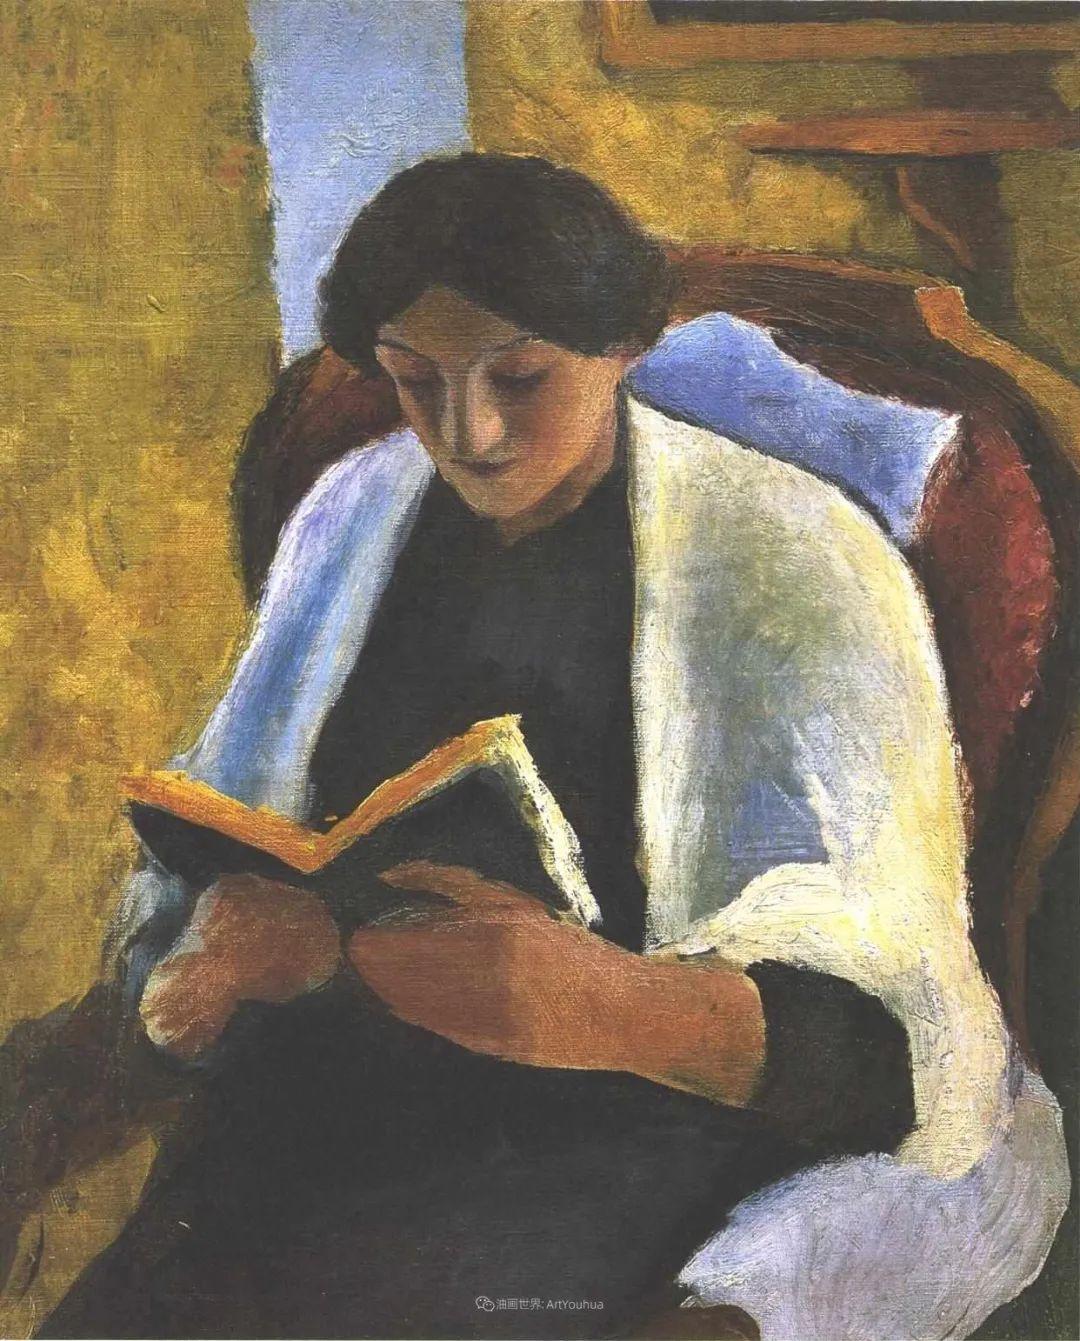 画面色彩的力量,德国表现主义画家奥古斯特·马克插图53